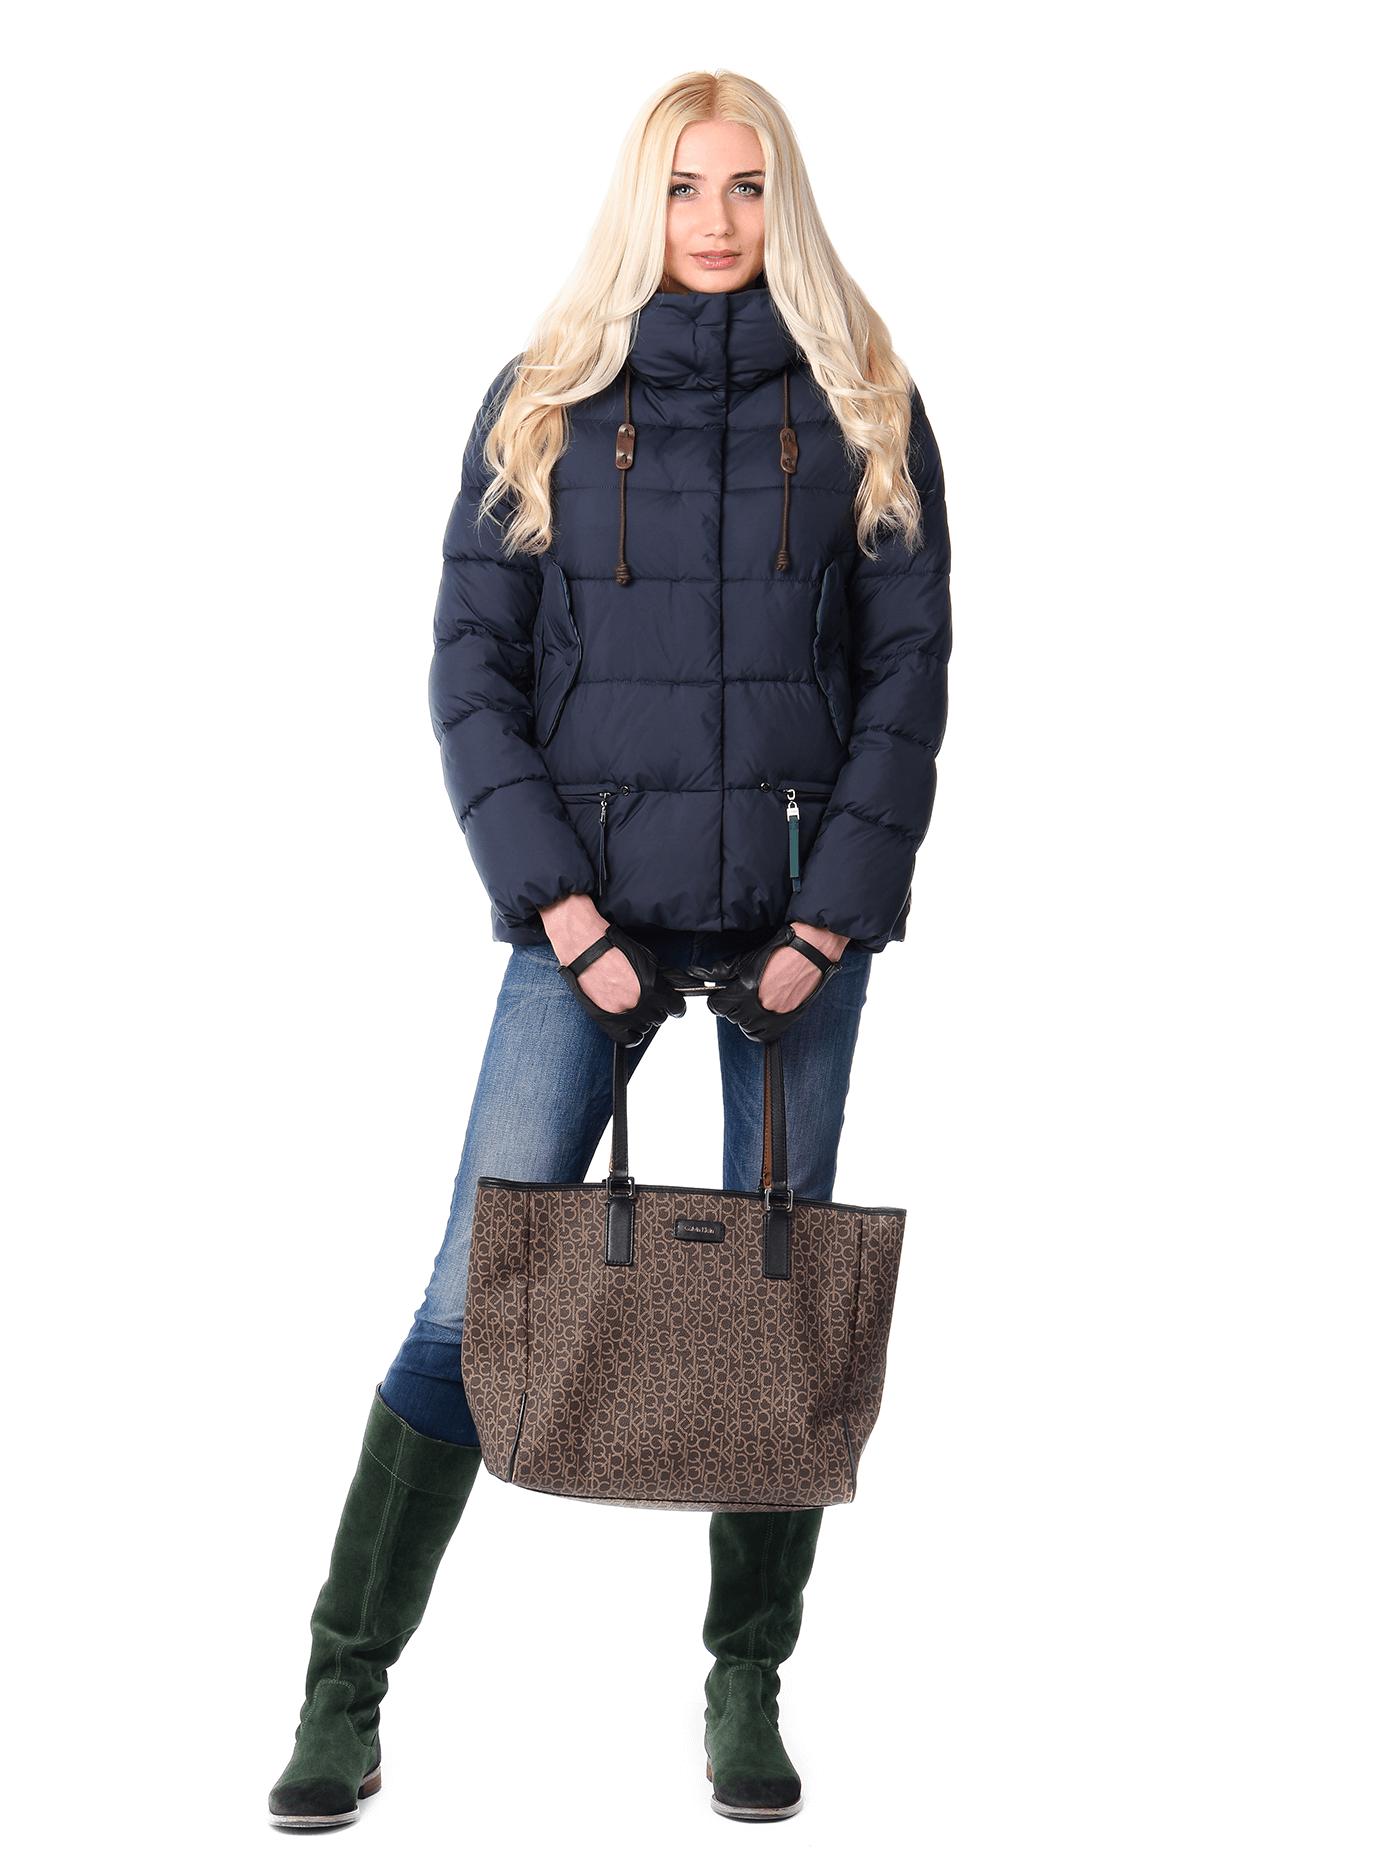 Куртка зимняя женская с карманами на молнии Чёрный S (02-CR170392): фото - Alster.ua